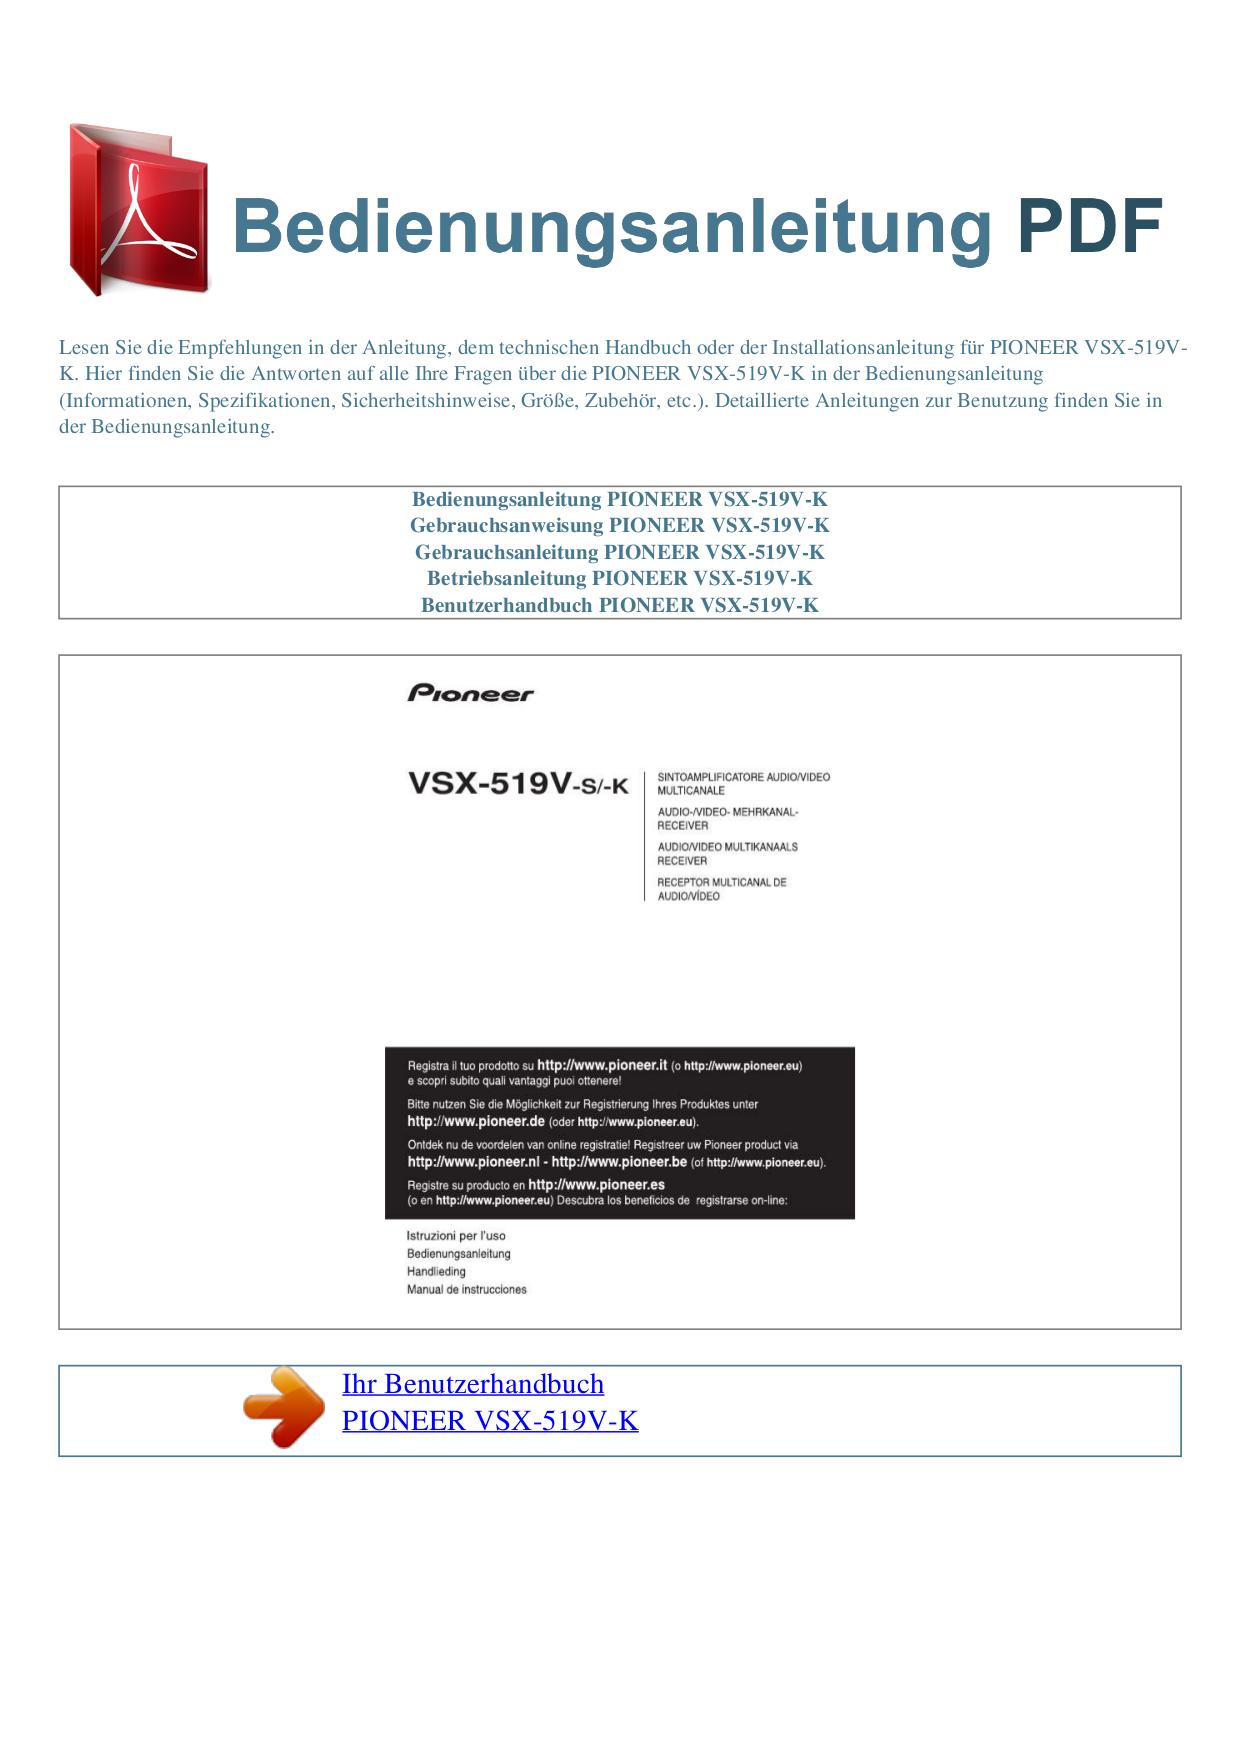 Pioneer vsx-519v-k user manual | 144 pages.